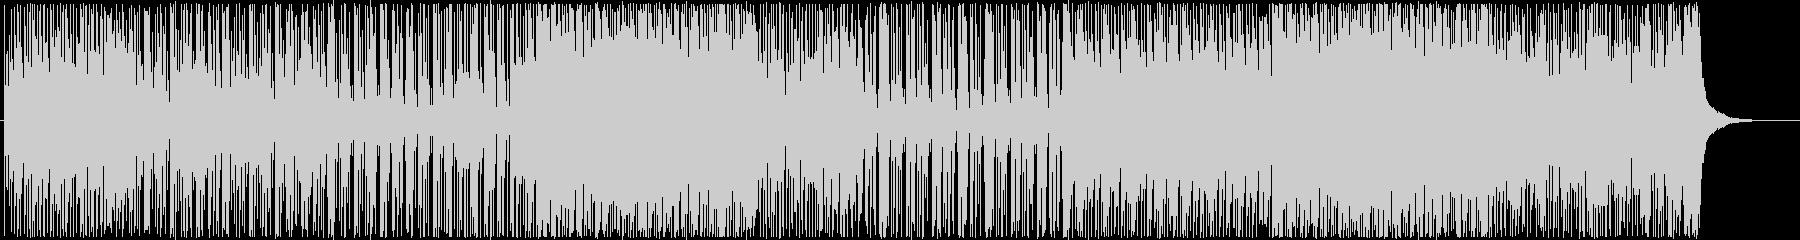 元気で前向きなポップ-インストロックの未再生の波形